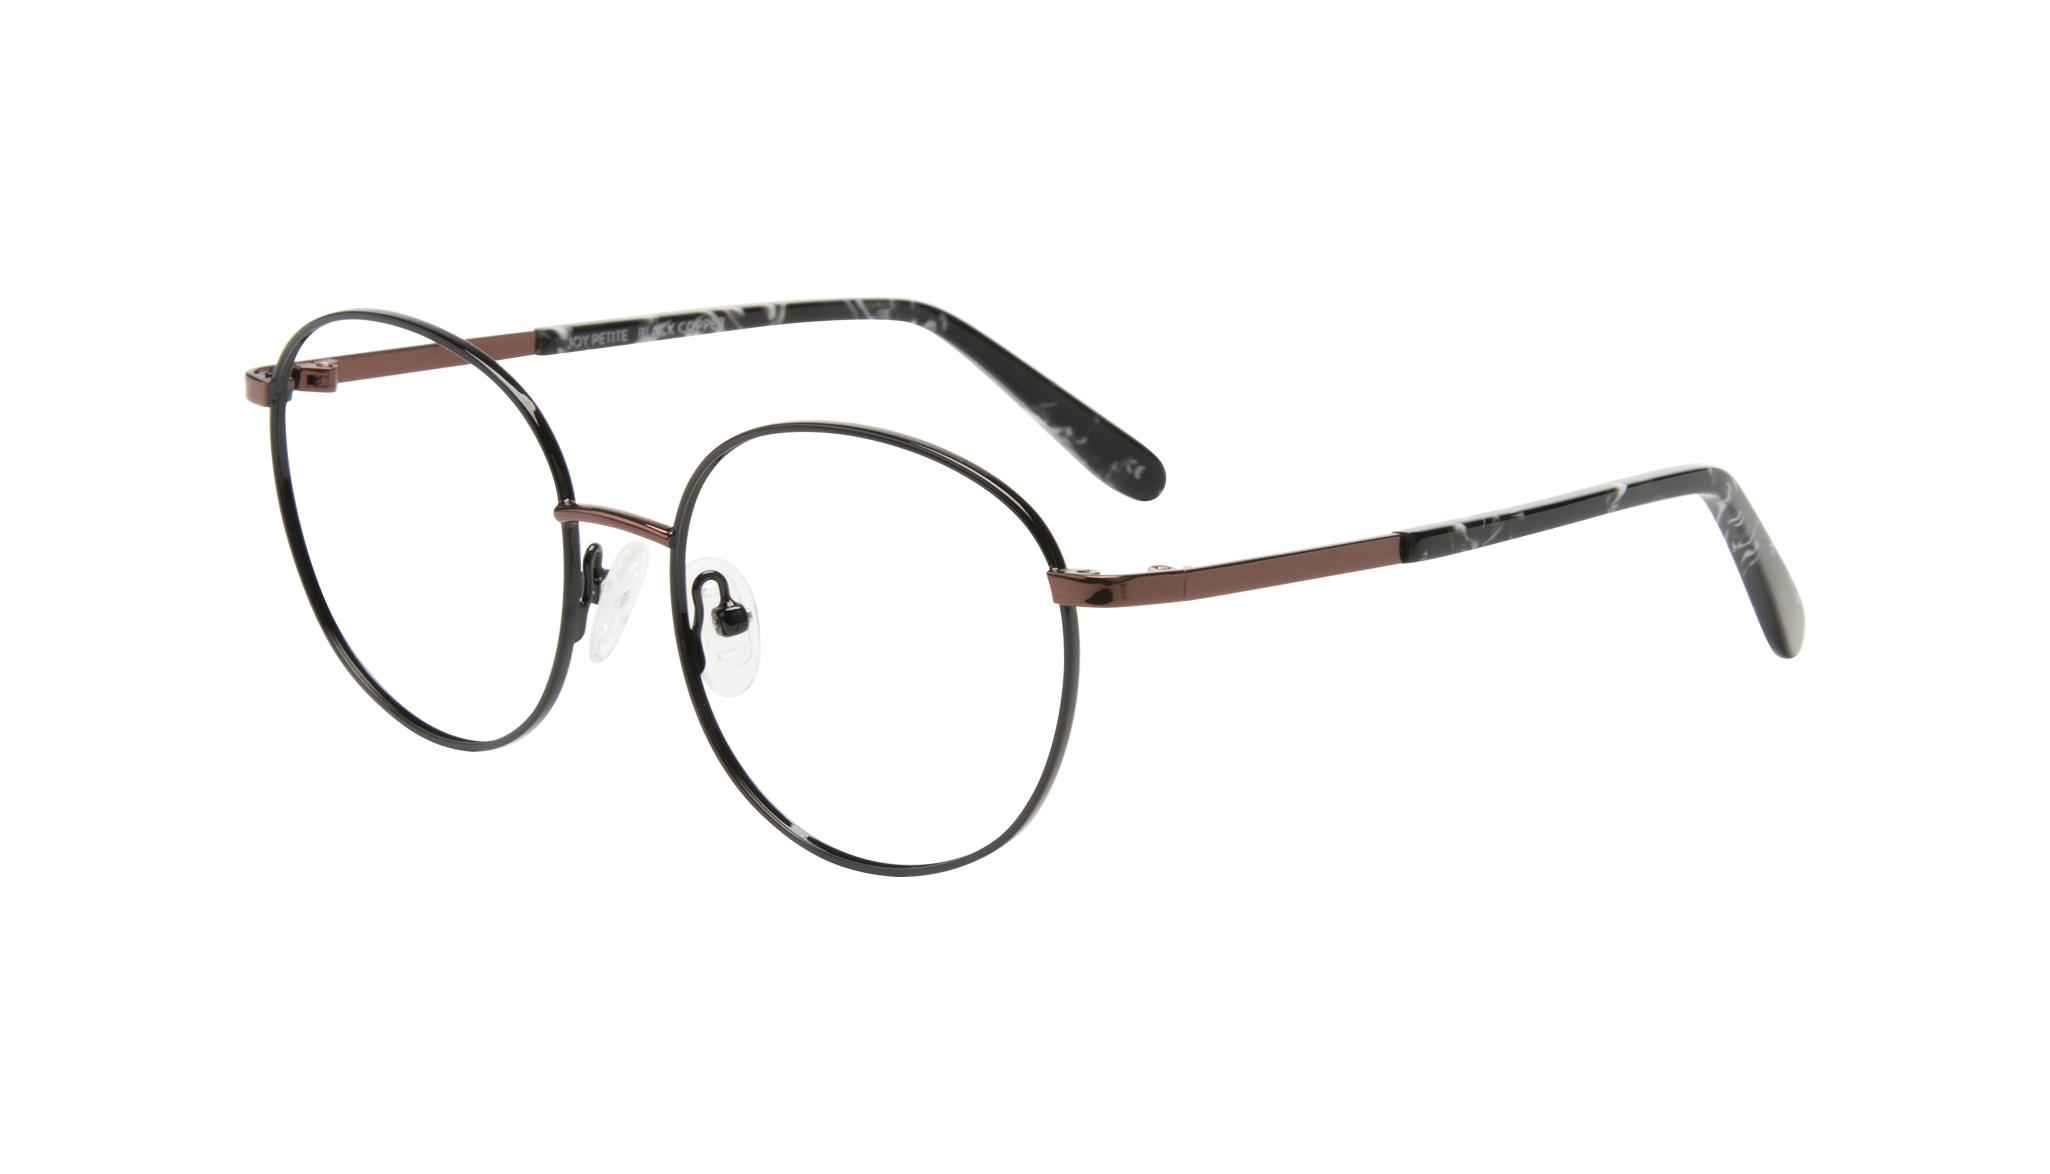 02ed184b1a8f Women eyeglasses joy petite in black copper bonlook jpg 1600x707 Bonlook womens  eyeglasses women petite frame